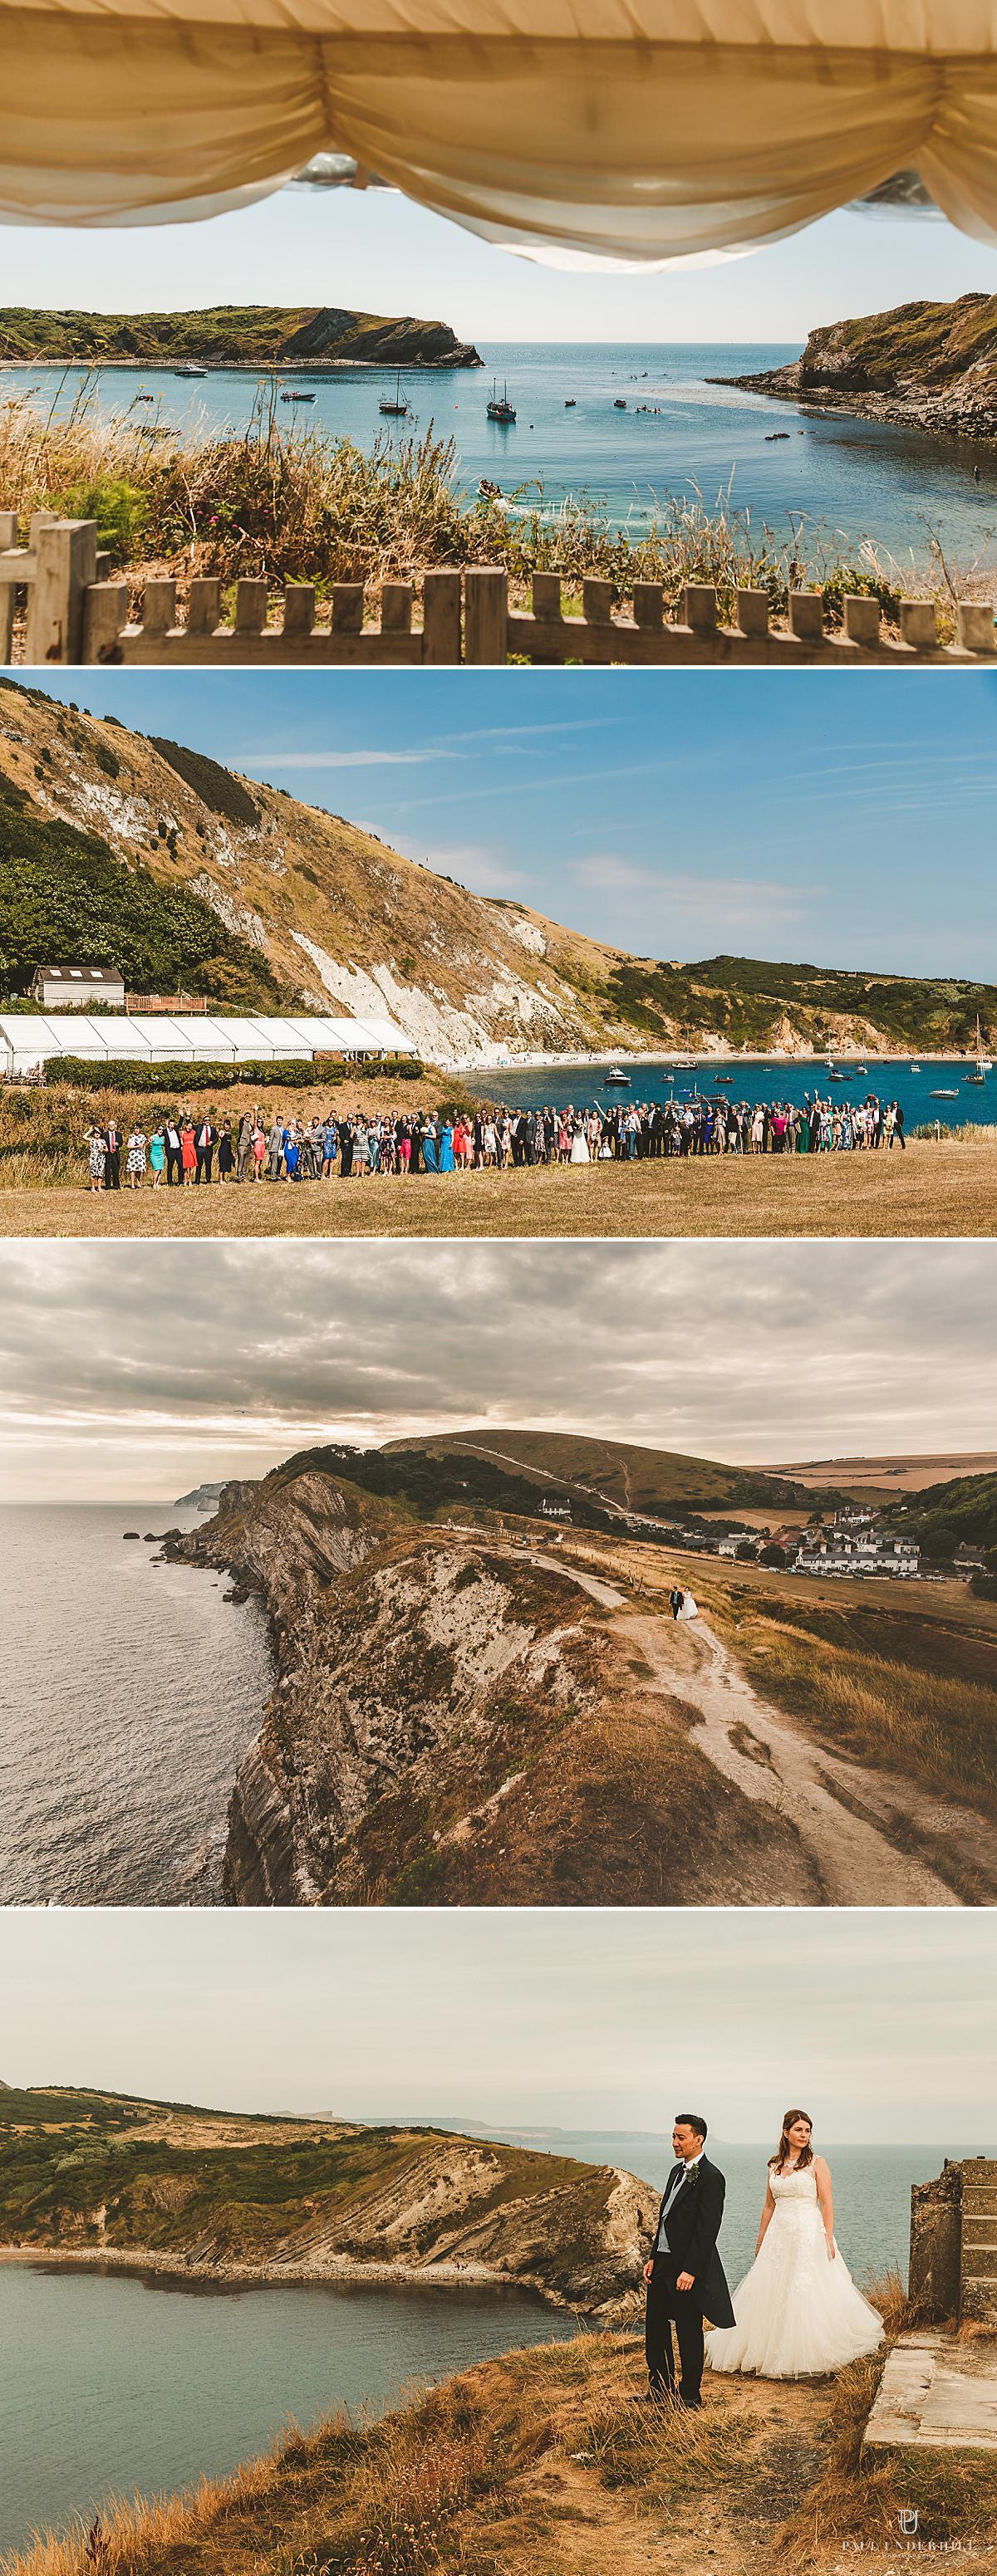 Lulworth Cove wedding photography